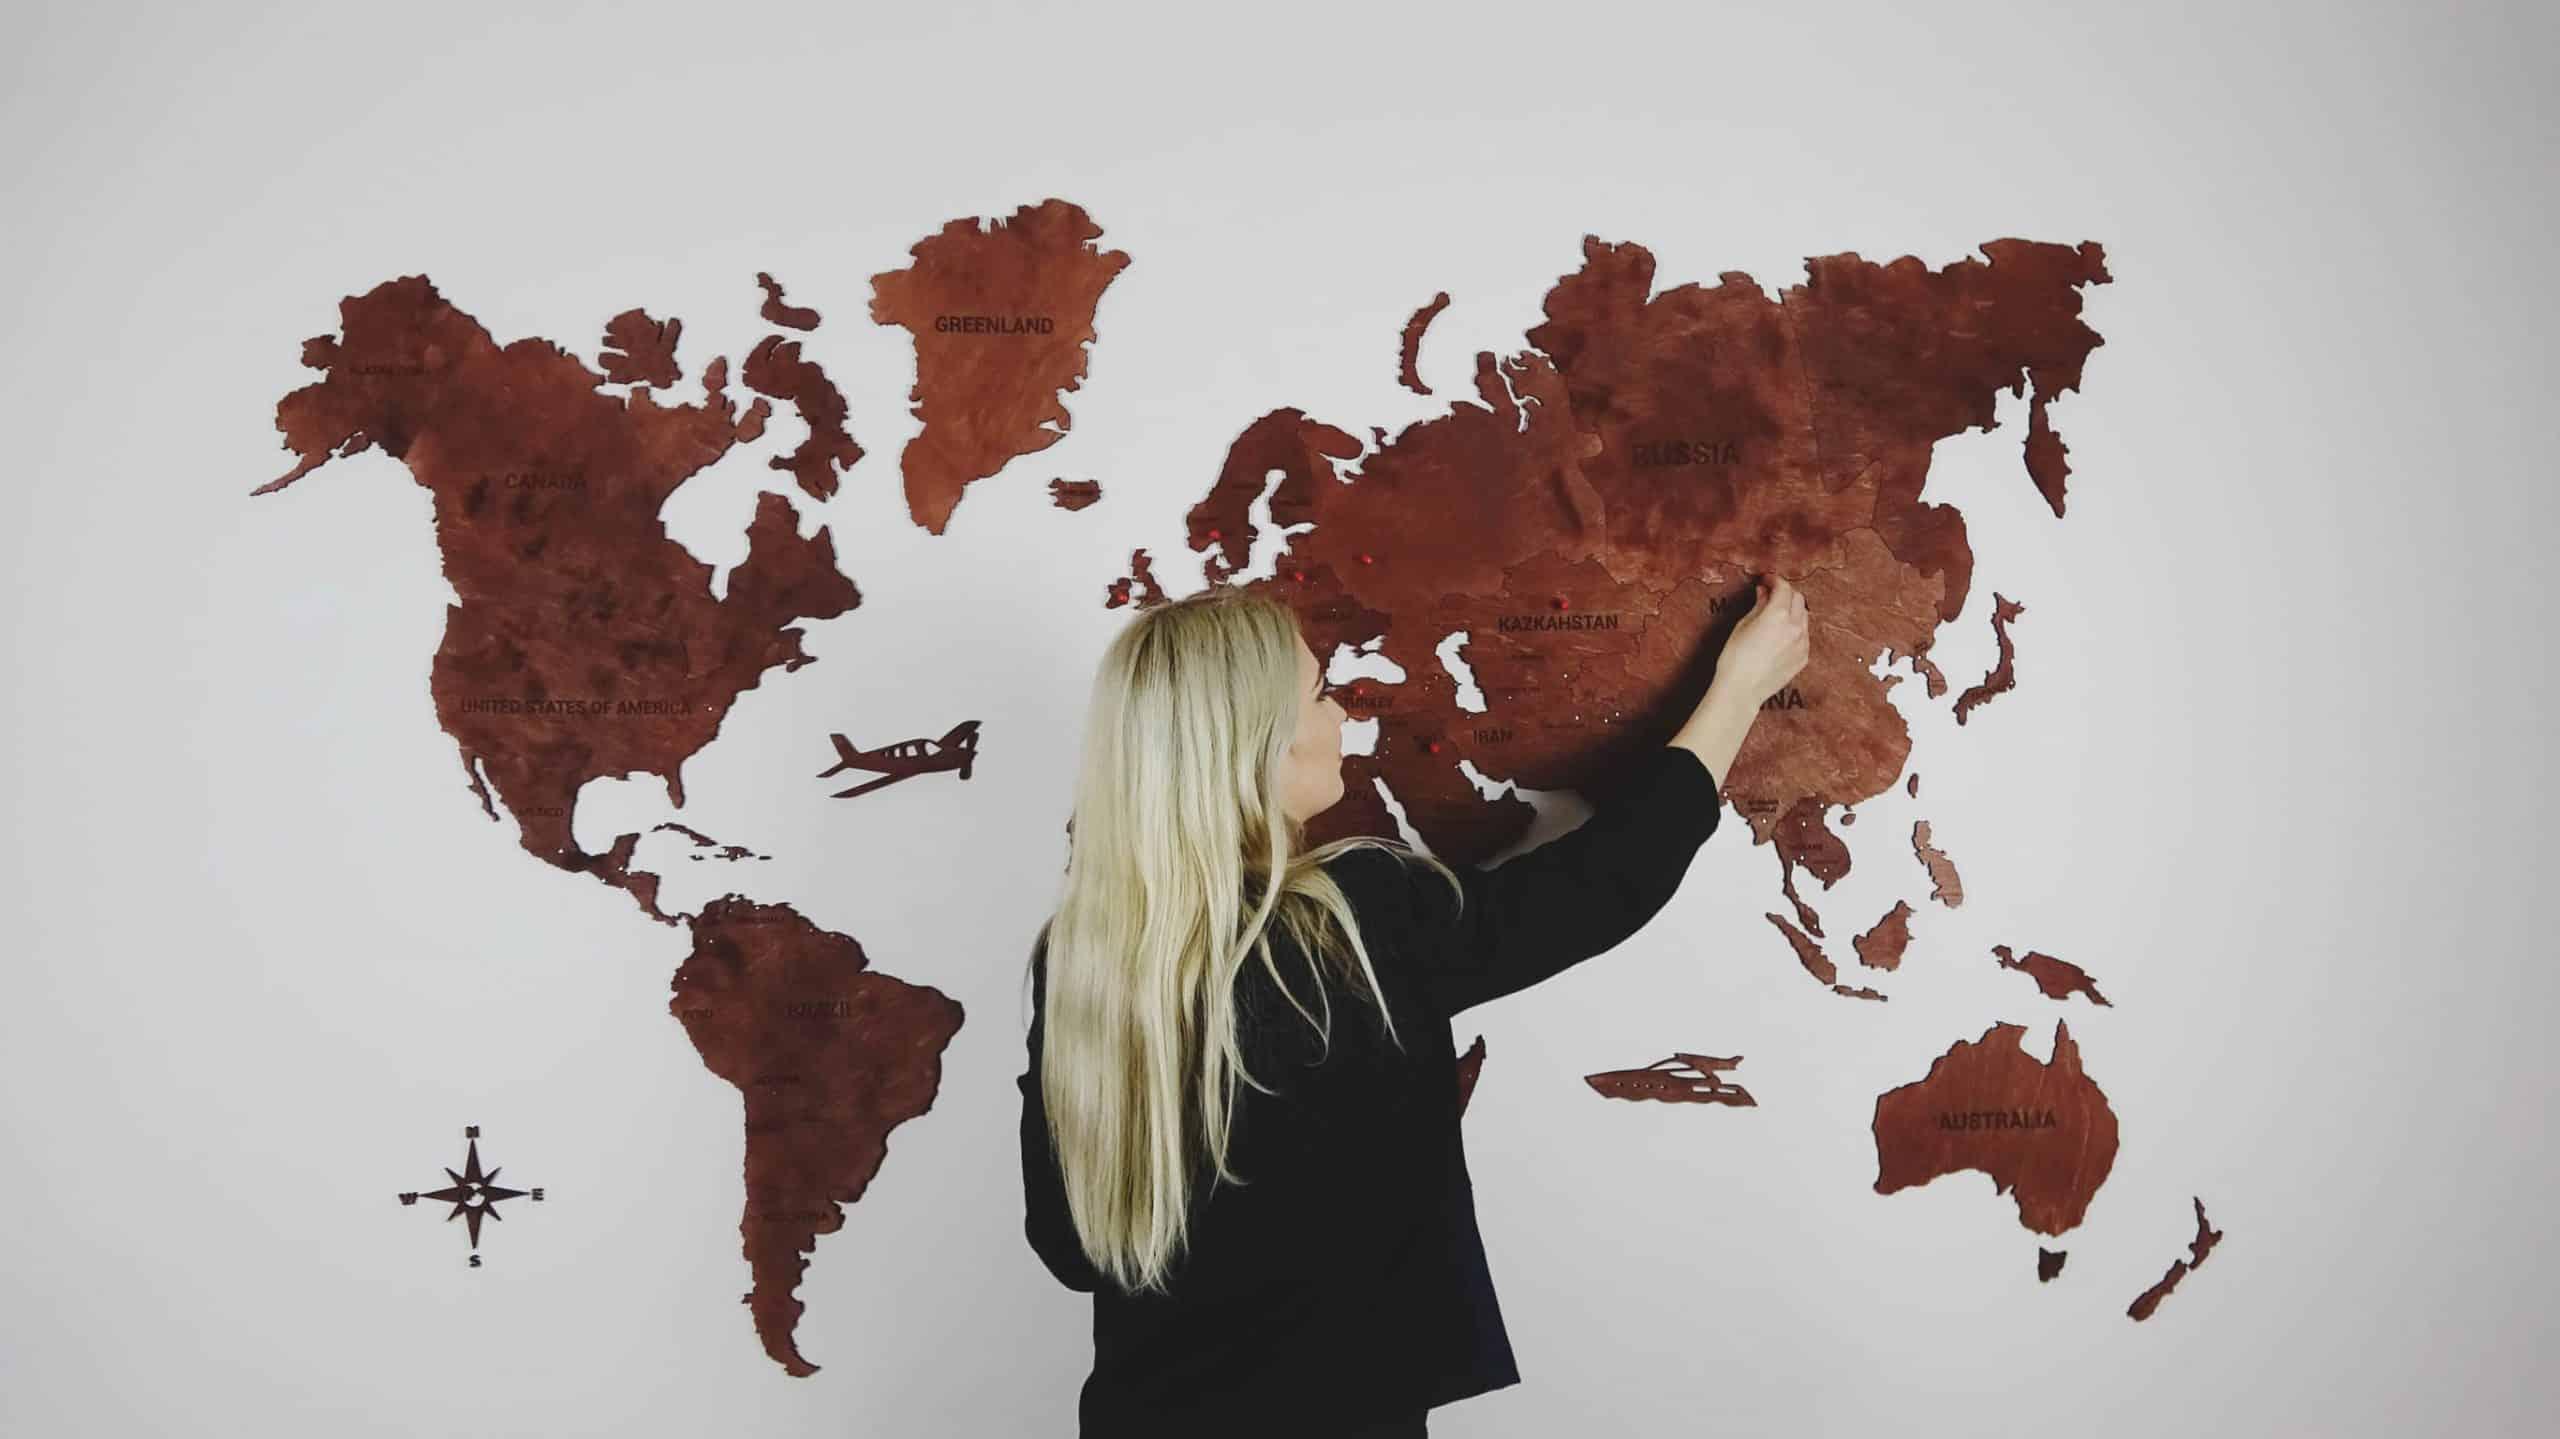 Medinis pasaulio žemėlapis kabinamas ant sienos su smeigtukais. Darbo pavyzdys